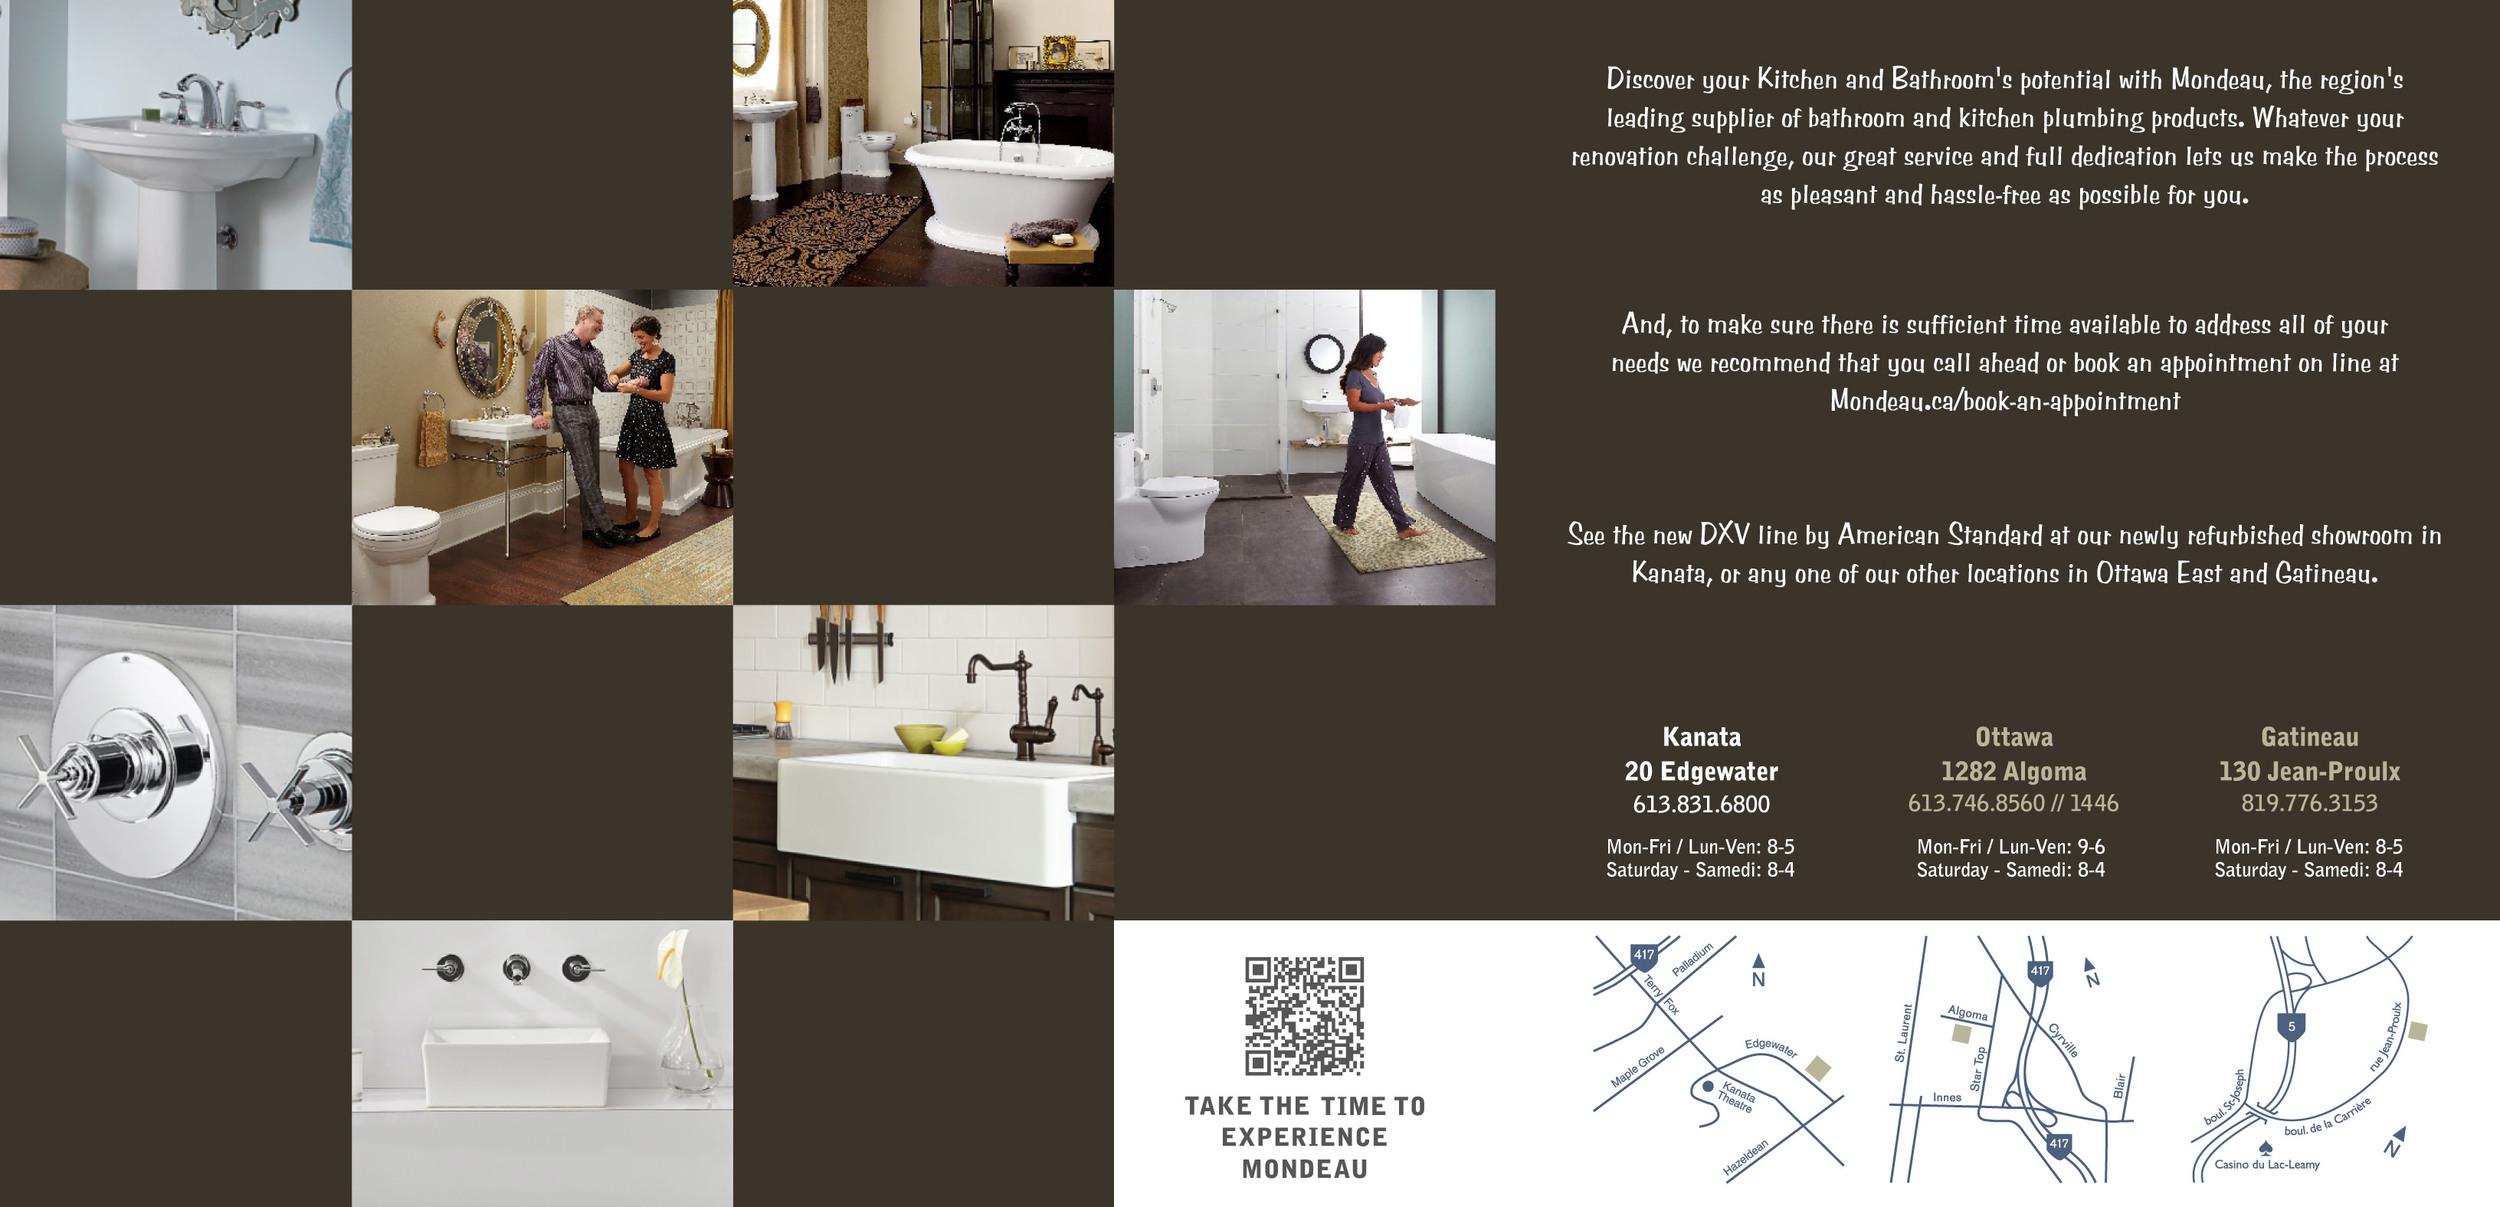 Mondeau-Bathroom-&-Kitchen-1.jpg